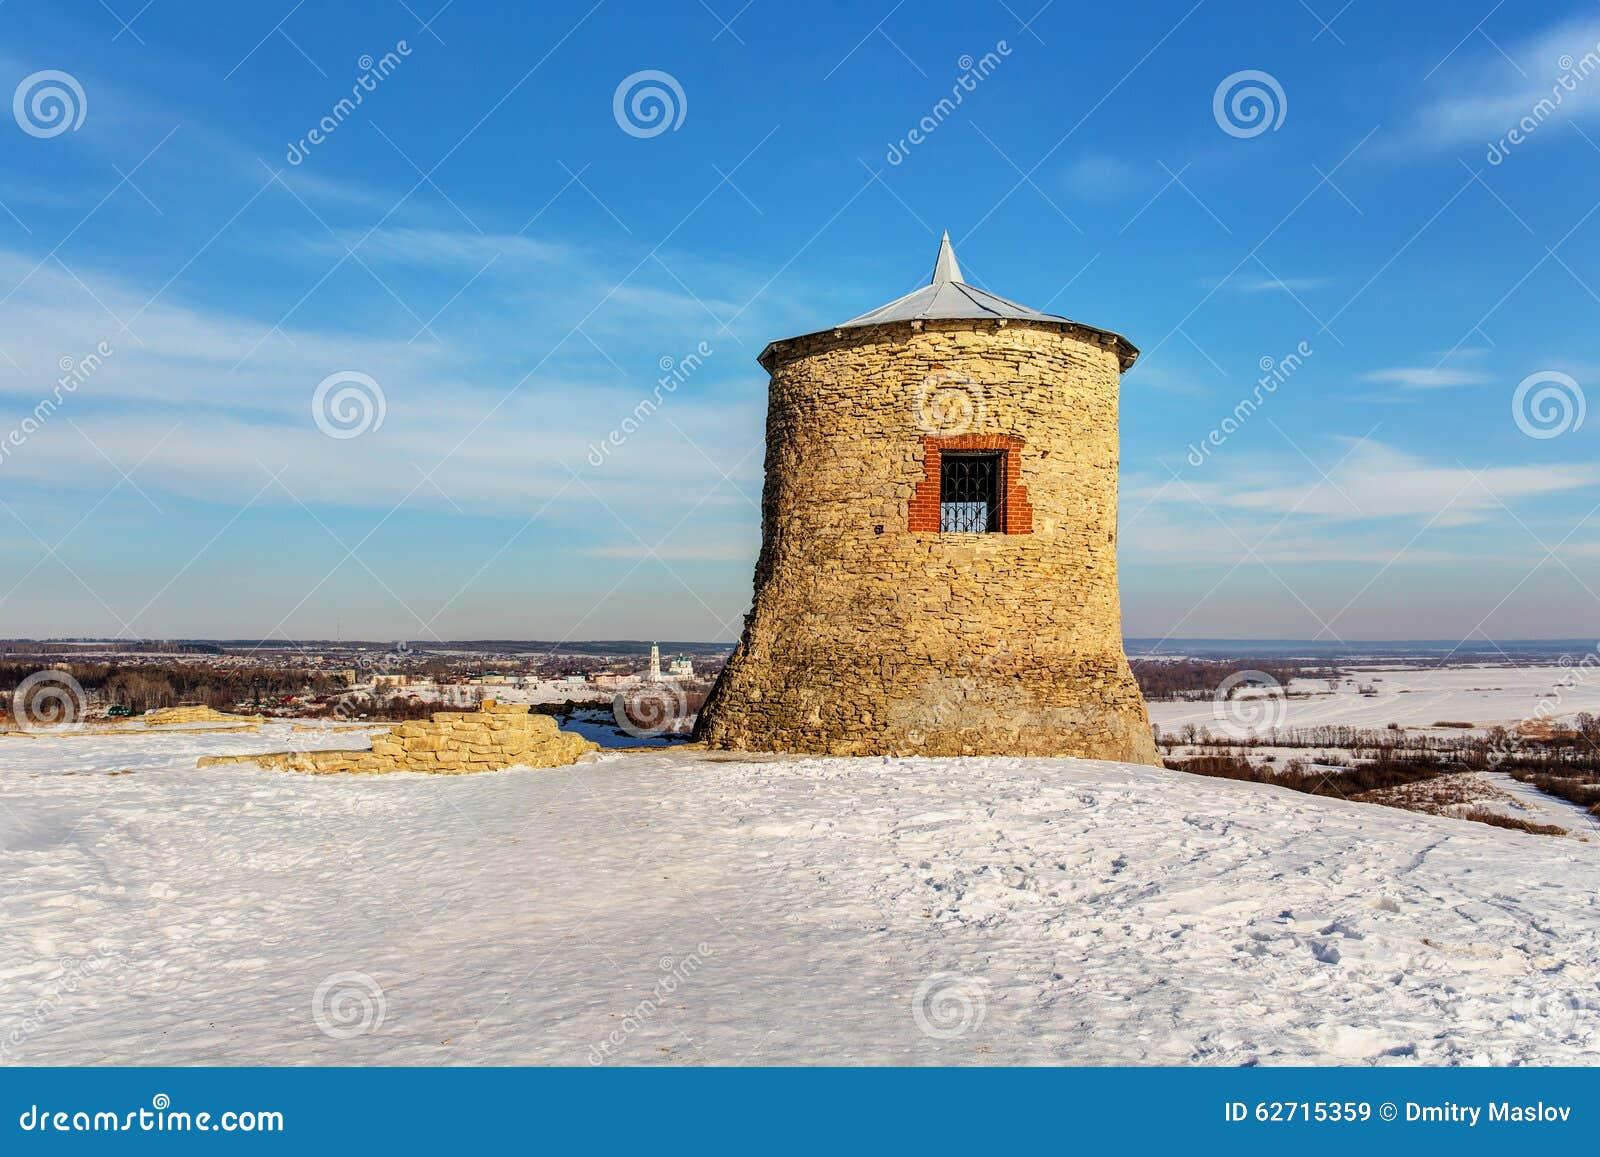 Παλαιός πύργος σε έναν λόφο